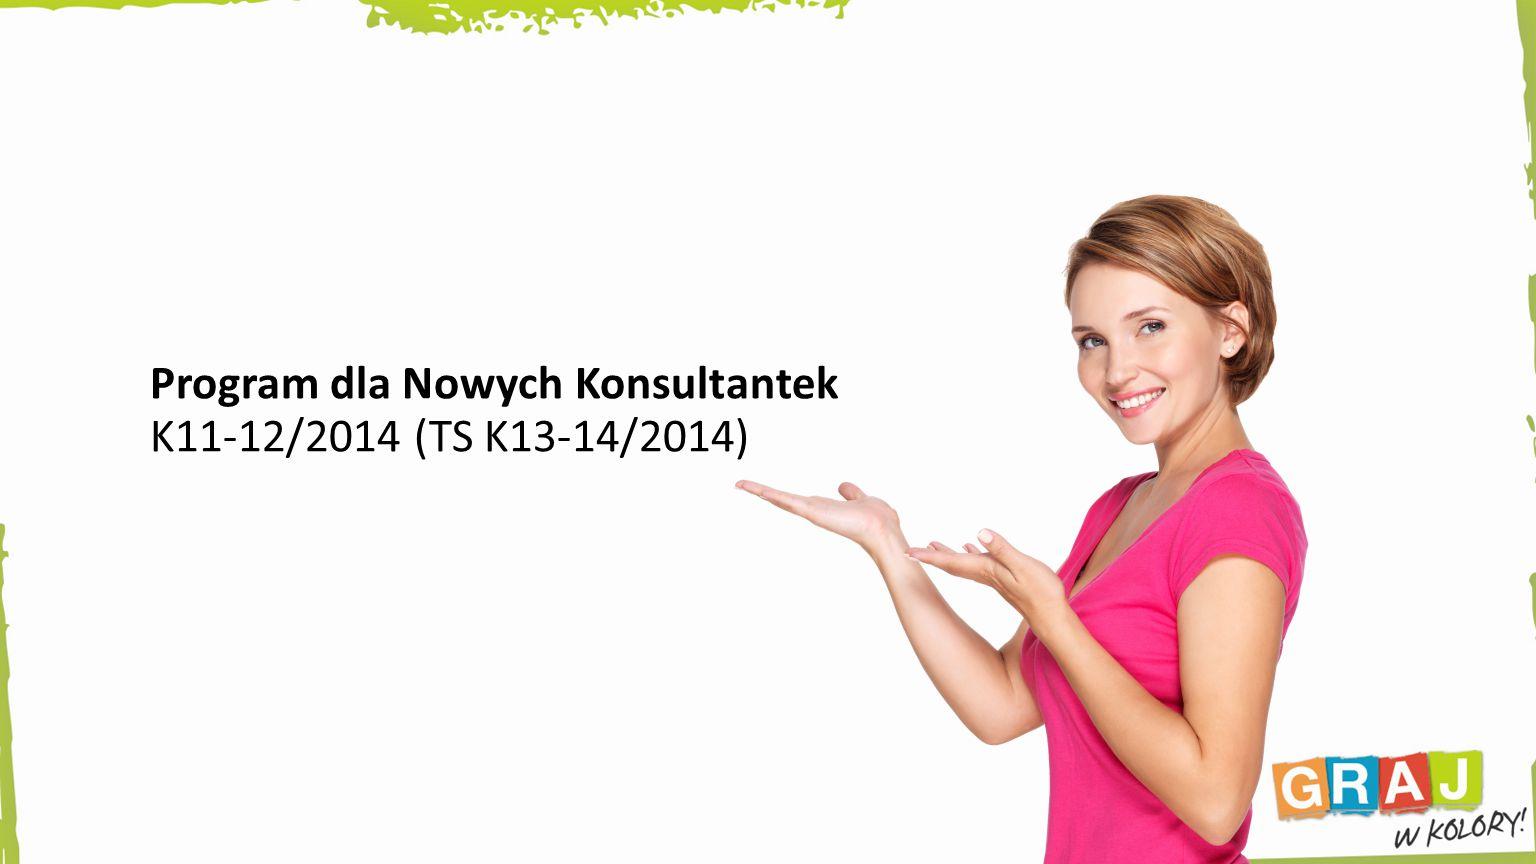 Program dla Nowych Konsultantek K11-12/2014 (TS K13-14/2014)